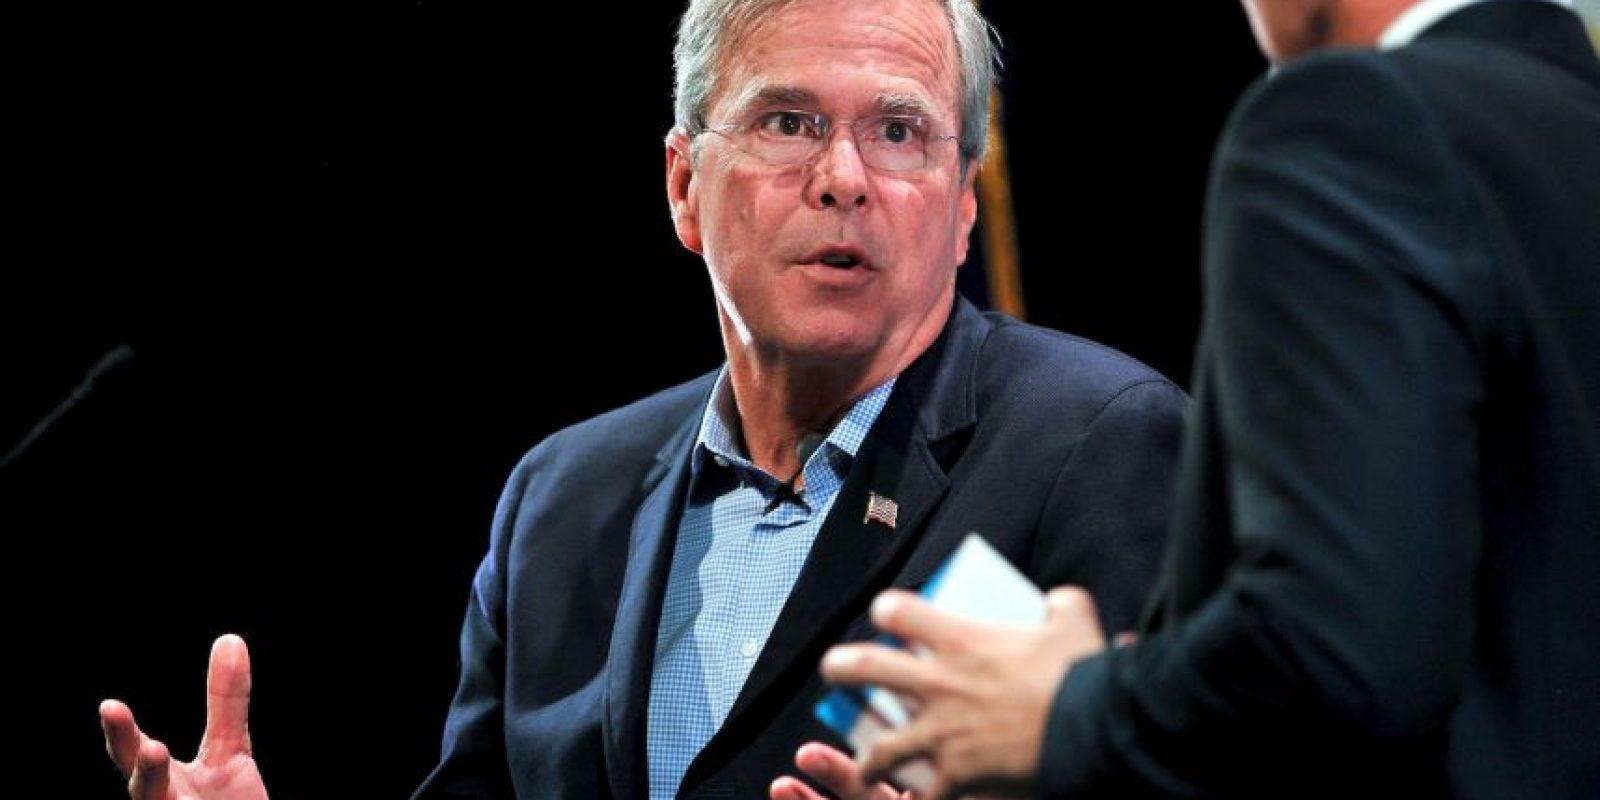 Bush también confesó que le gustaría ser dueño de Marvel, como alguien que cree en el capitalismo. Foto:AFP